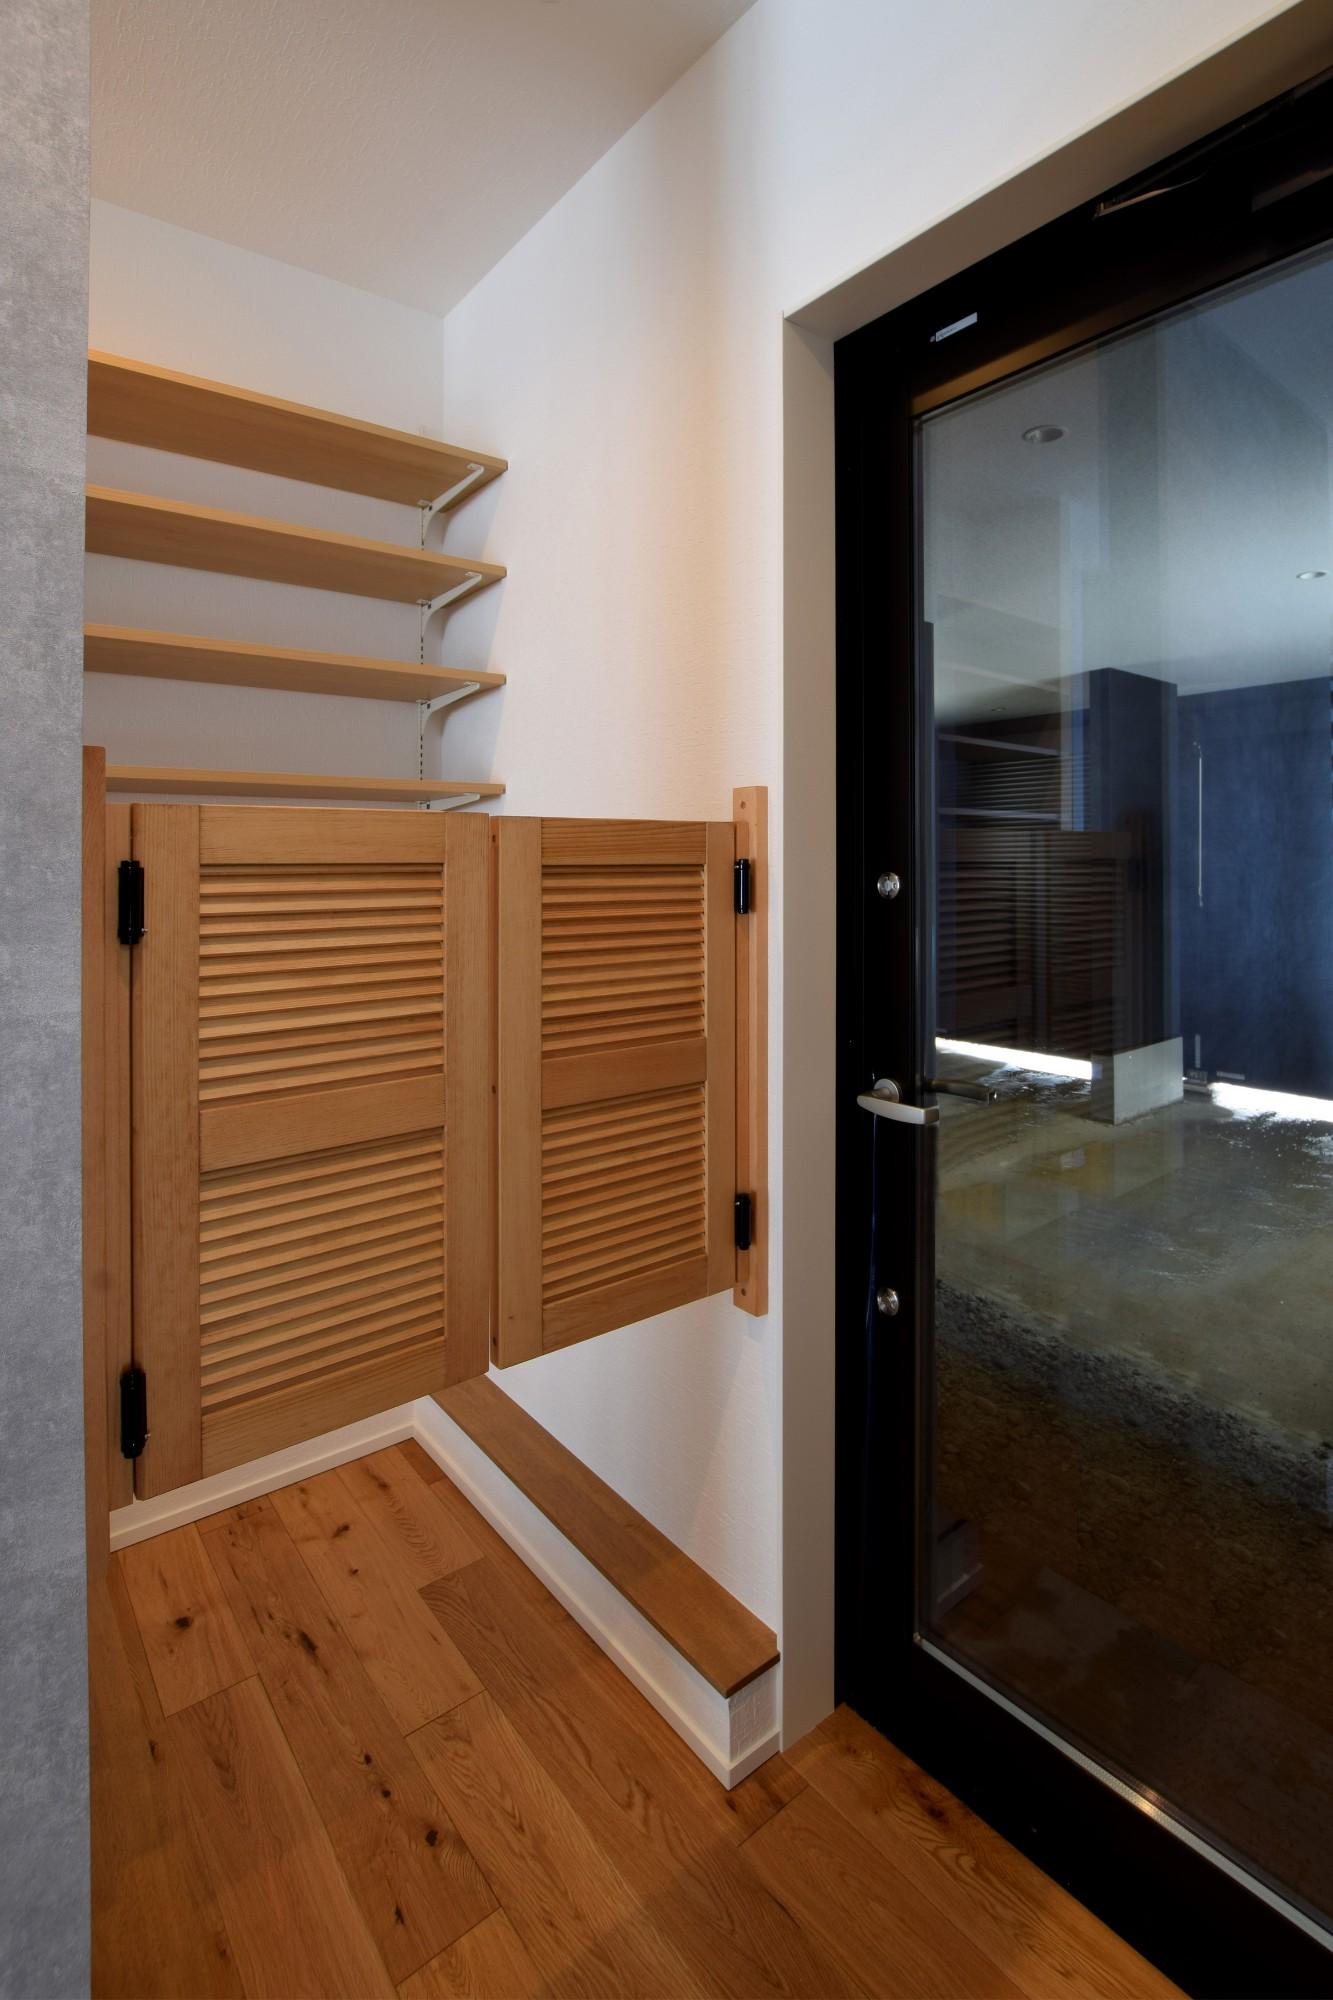 DETAIL HOME(ディテールホーム)「趣味と風景をたのしむ家」のヴィンテージな玄関の実例写真